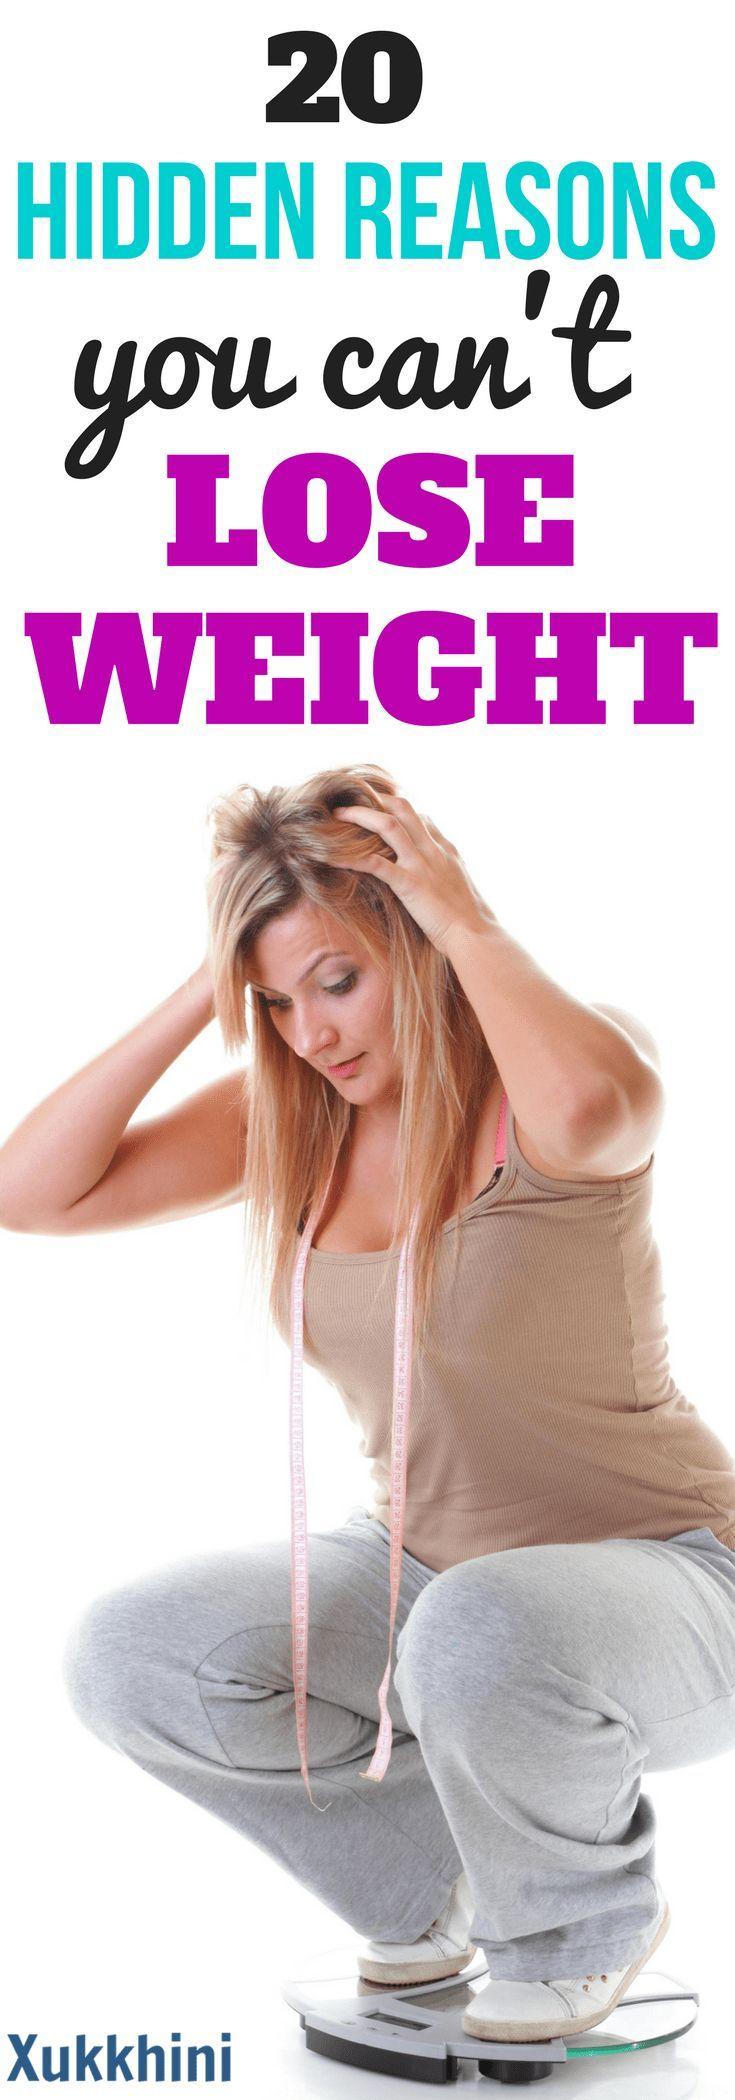 Lose weight post pregnancy diet